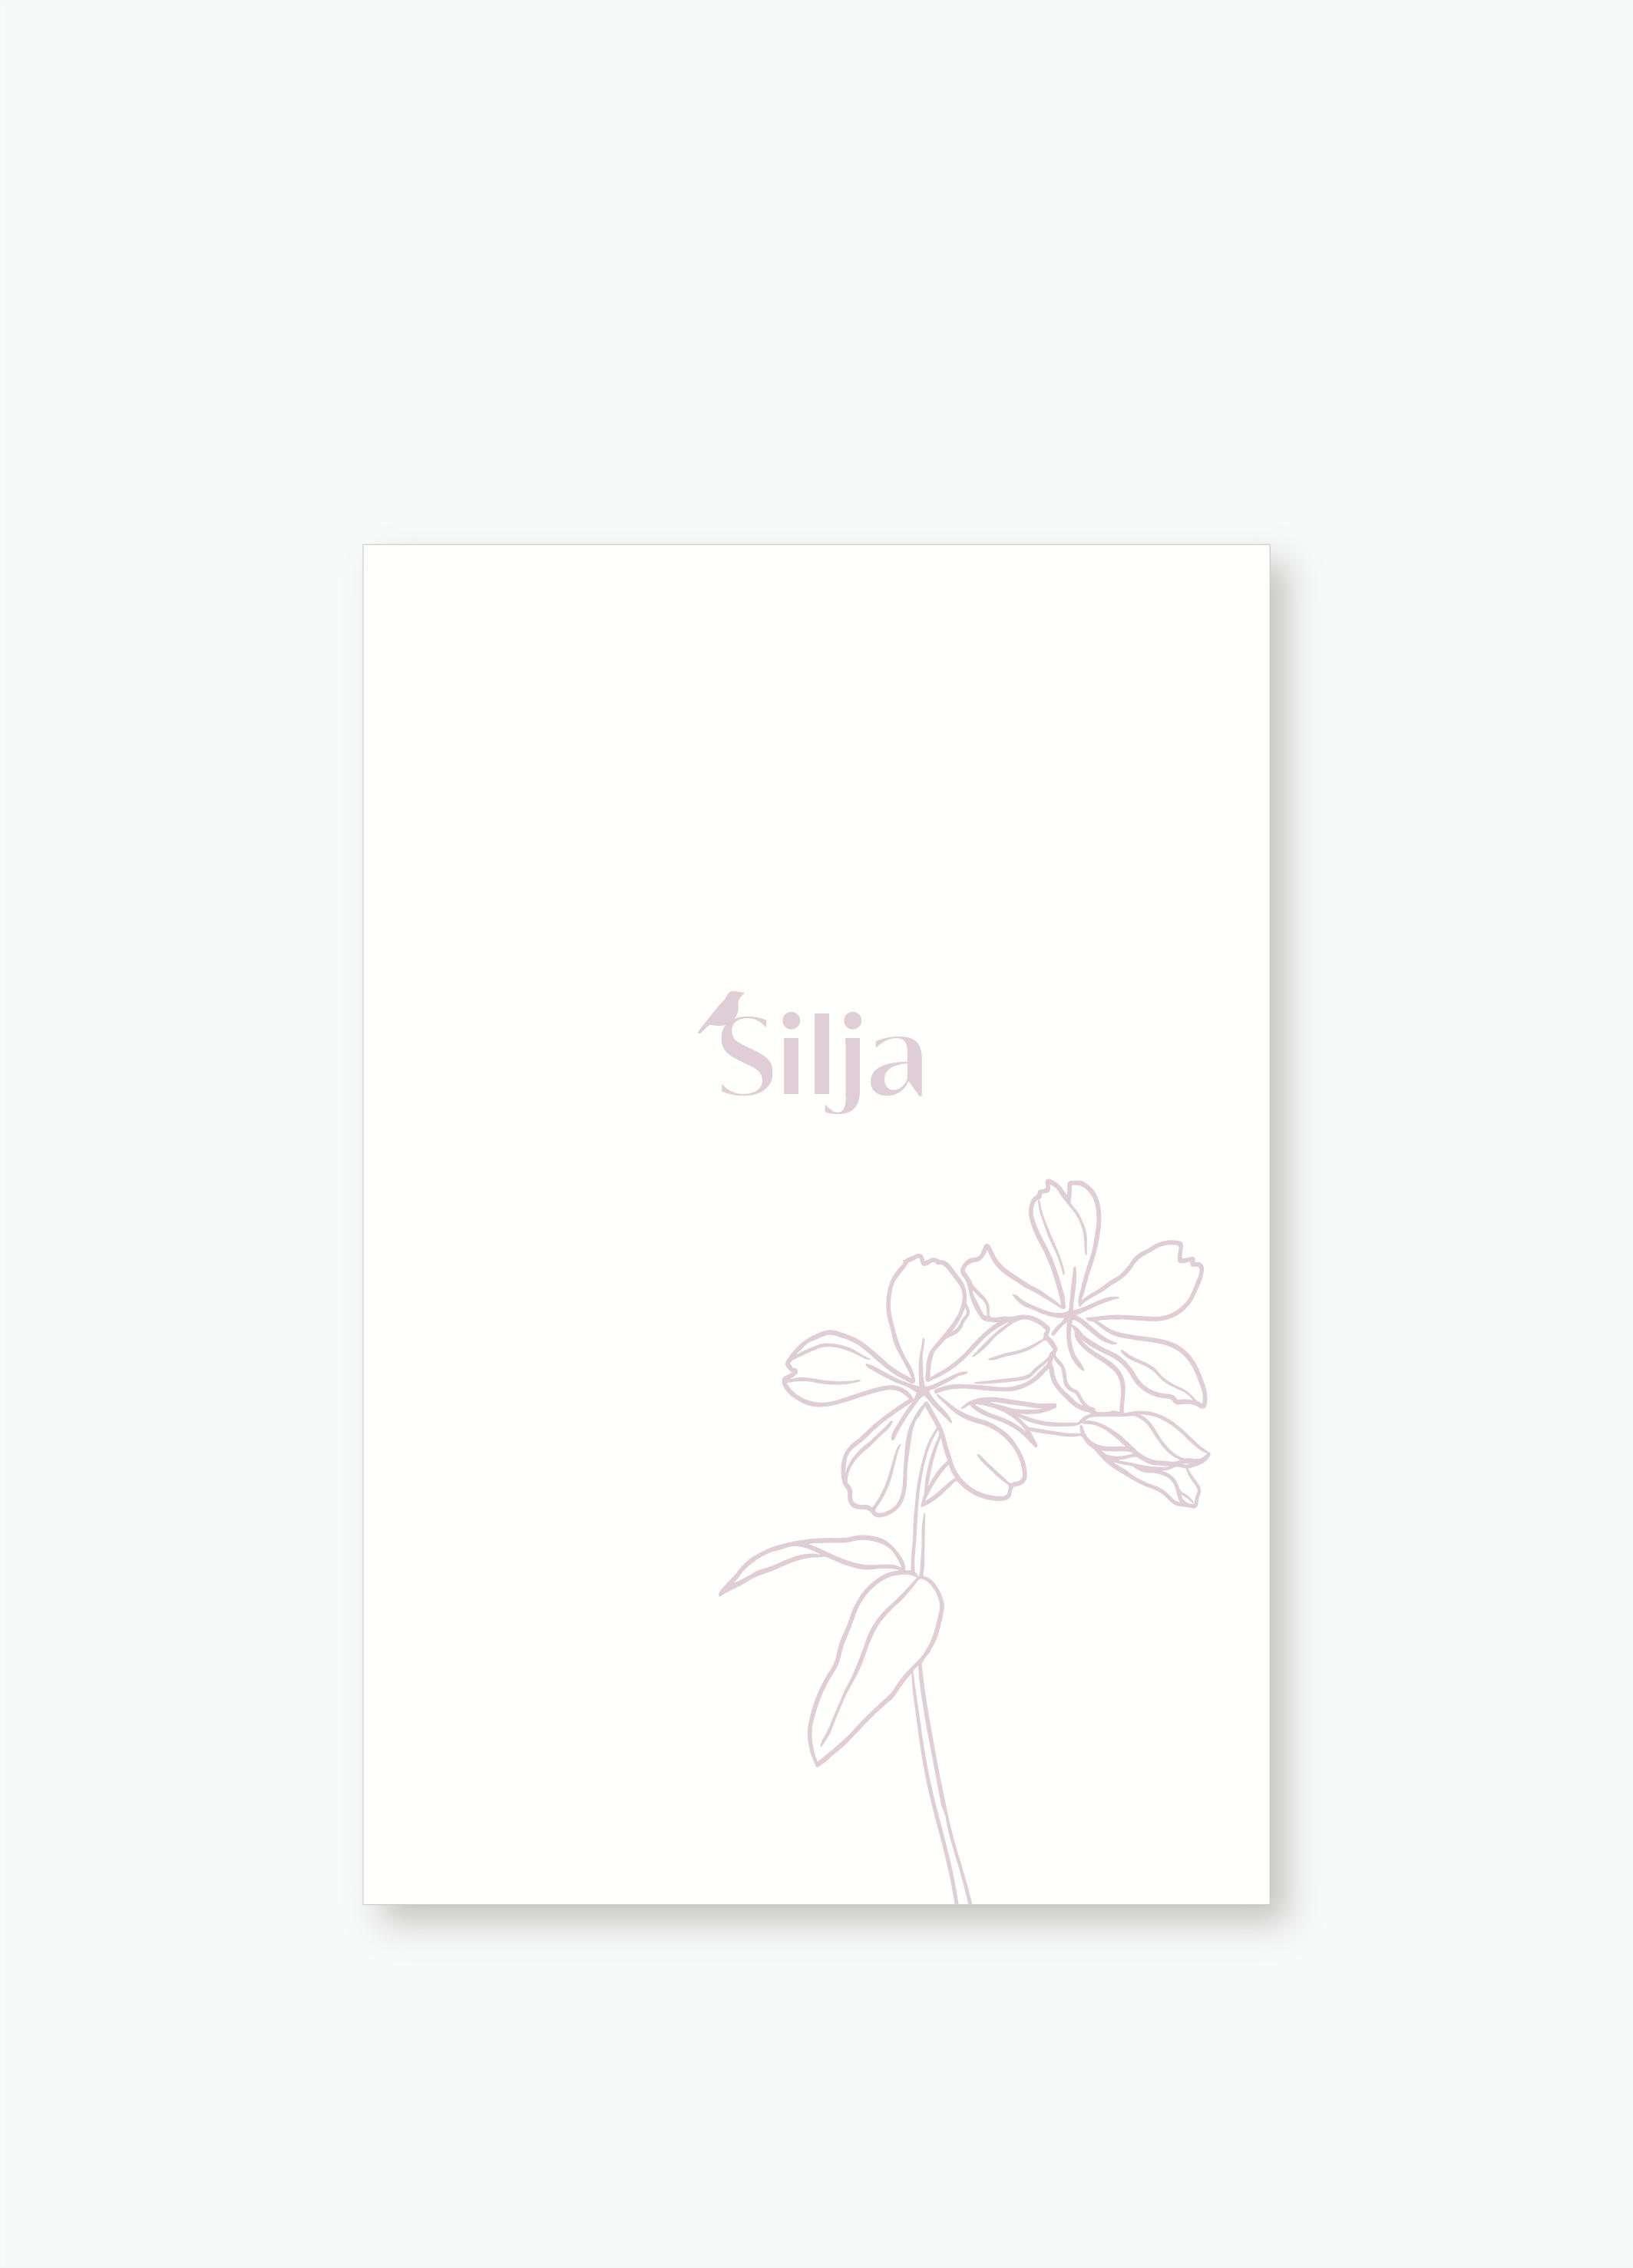 Geboortekaartje Silja | Studio Moose